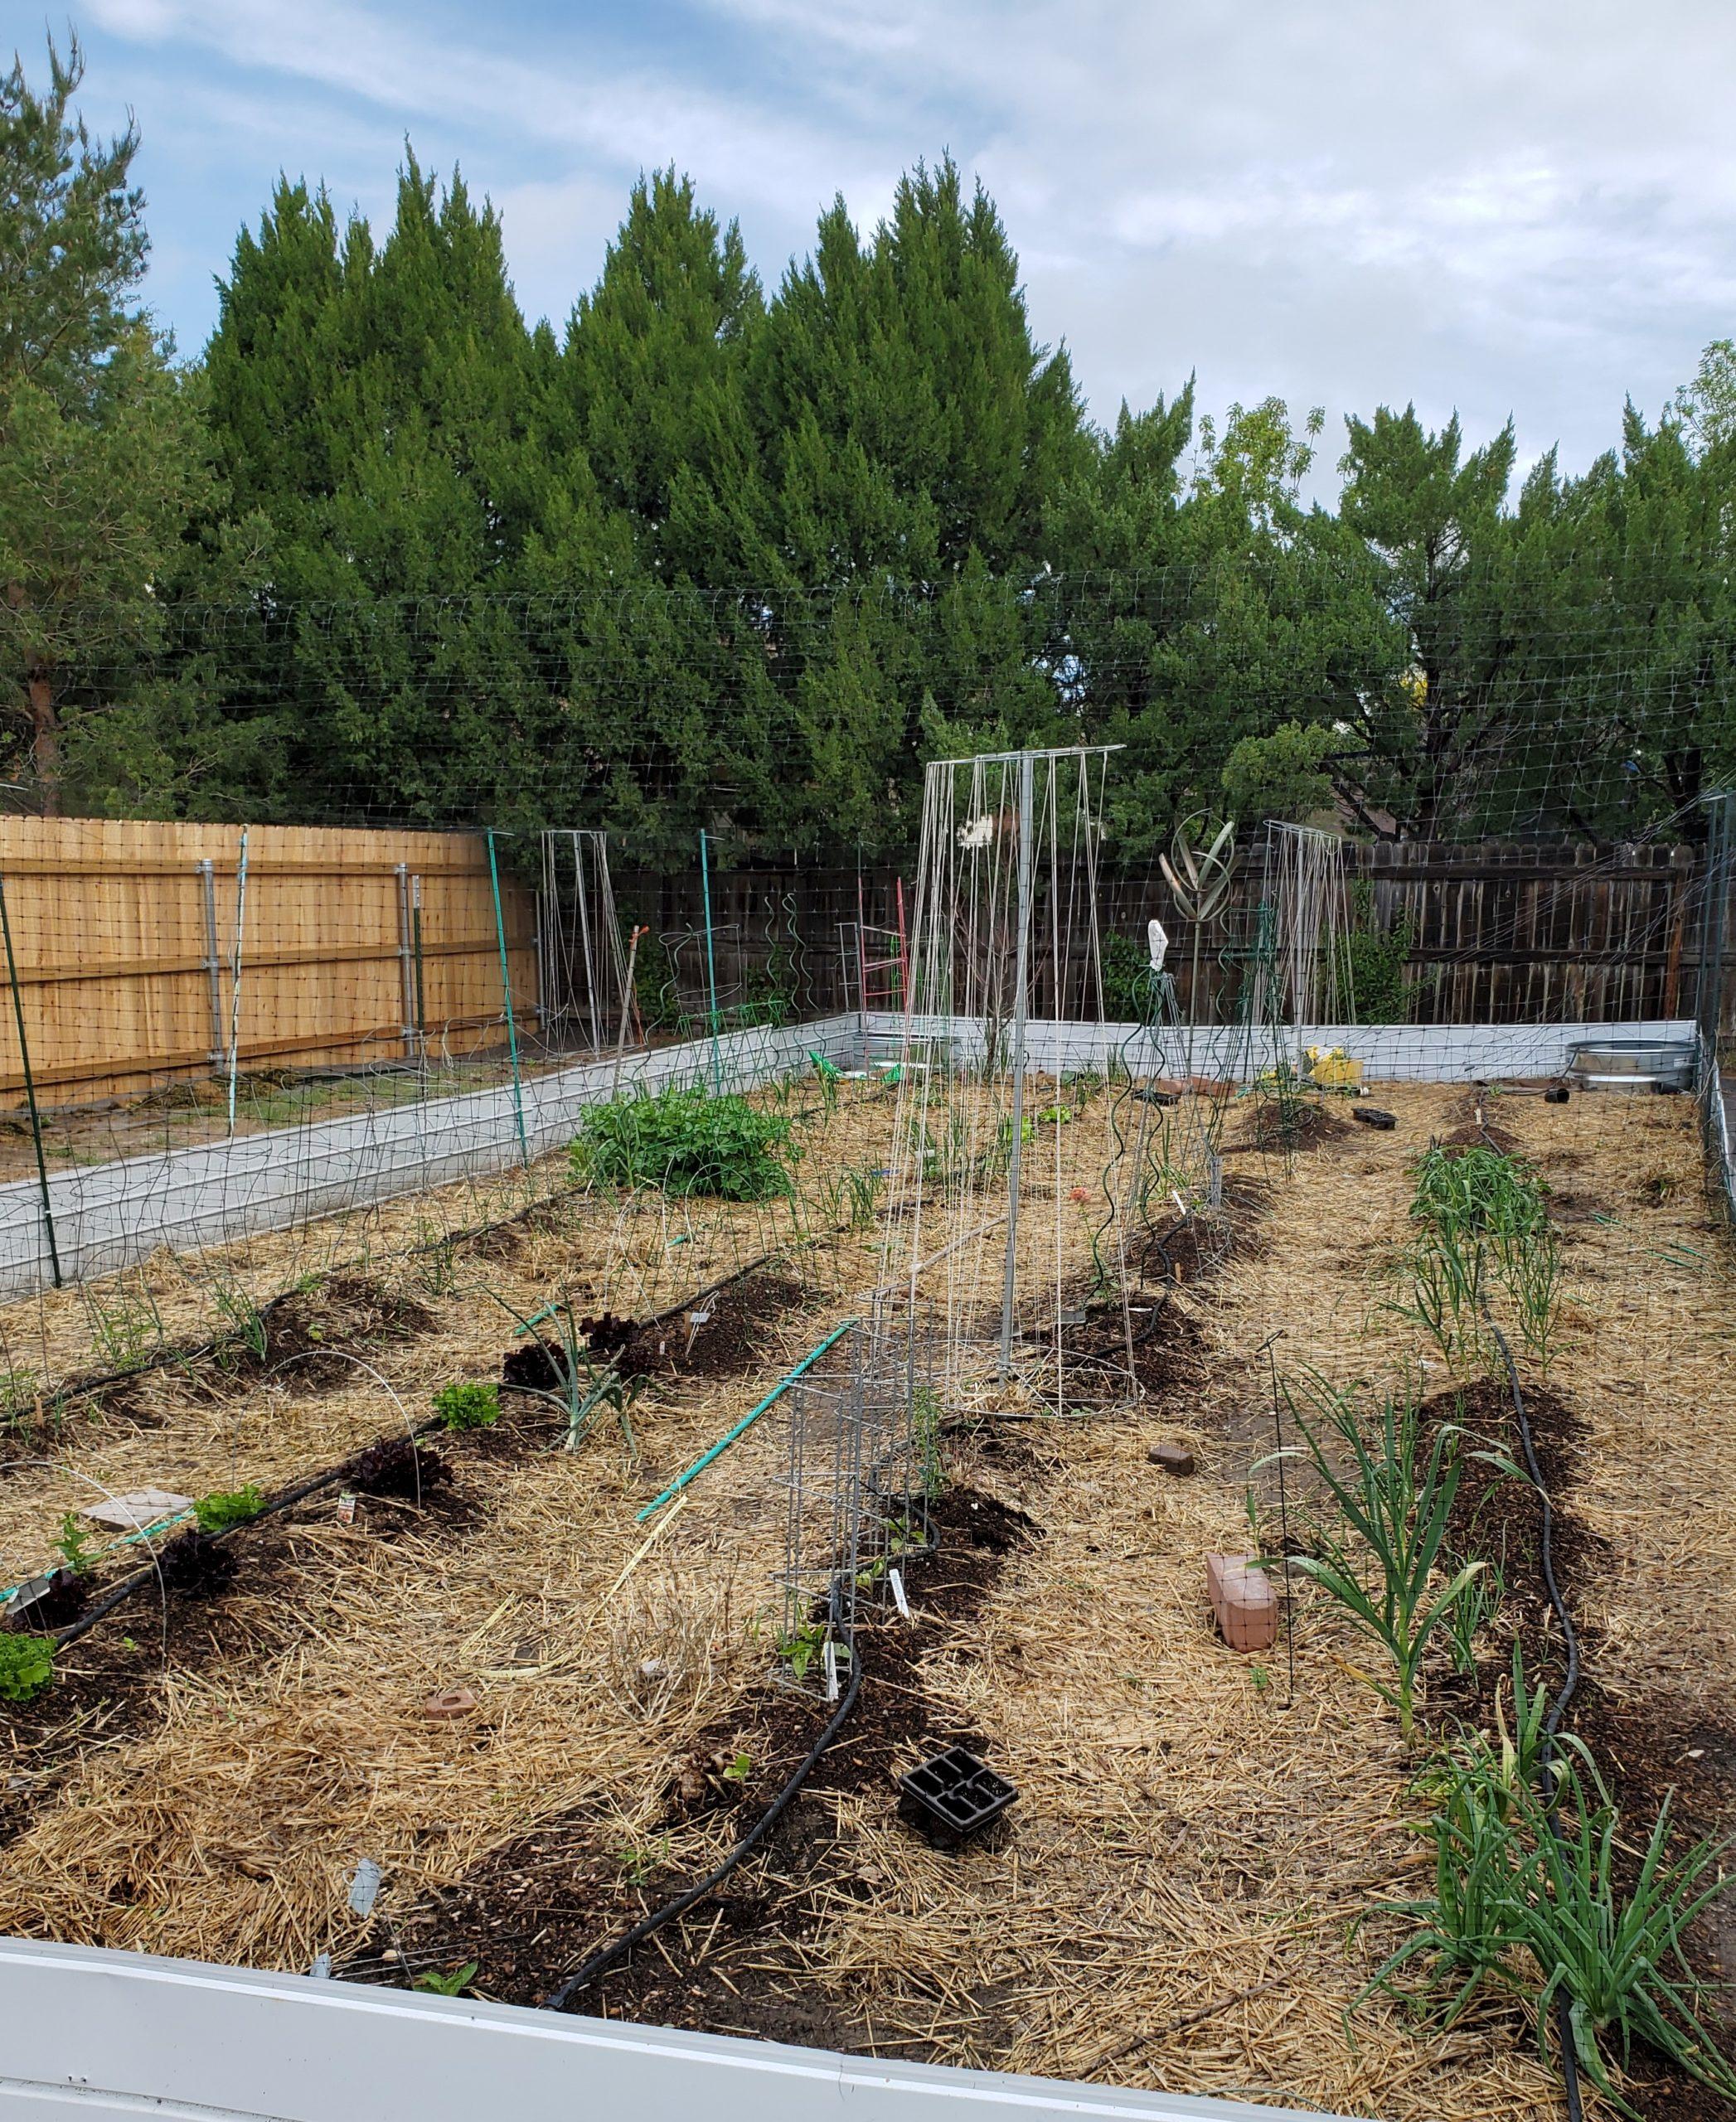 A Raised Row Garden